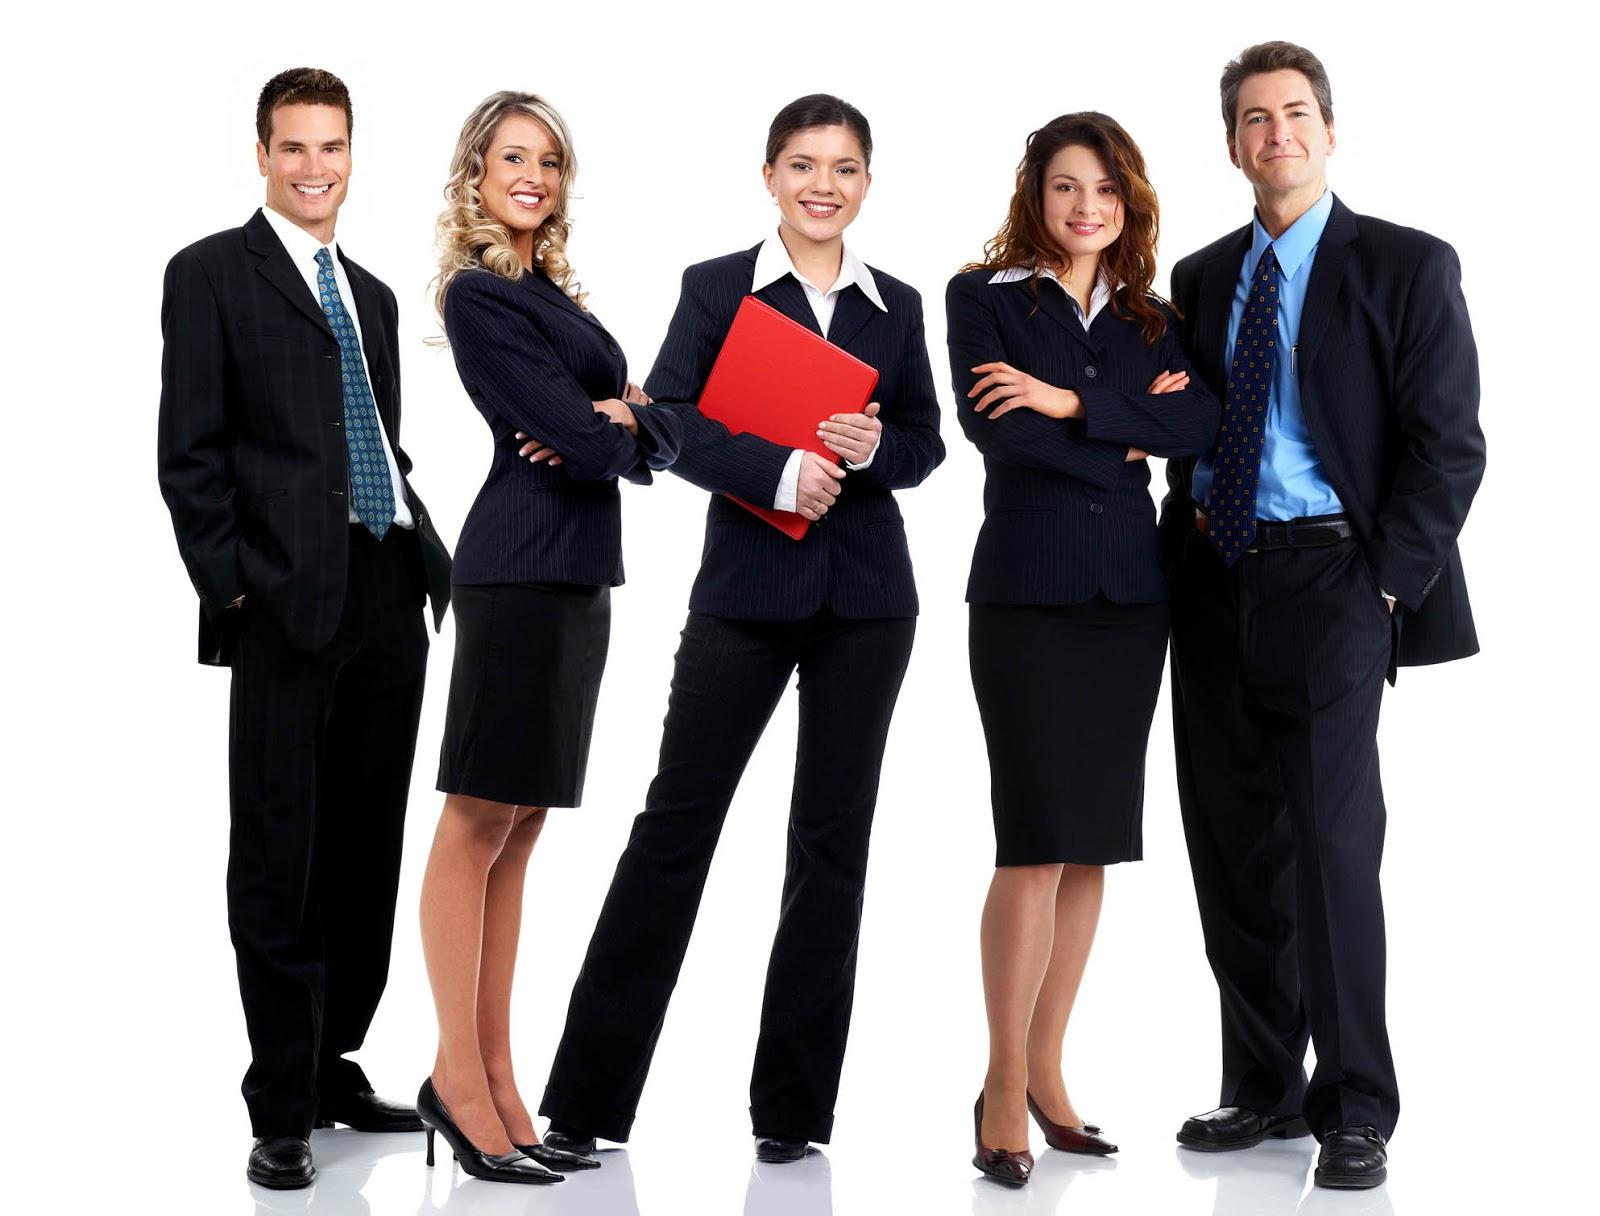 Executivos Vestidos com Uniformes Profissionais